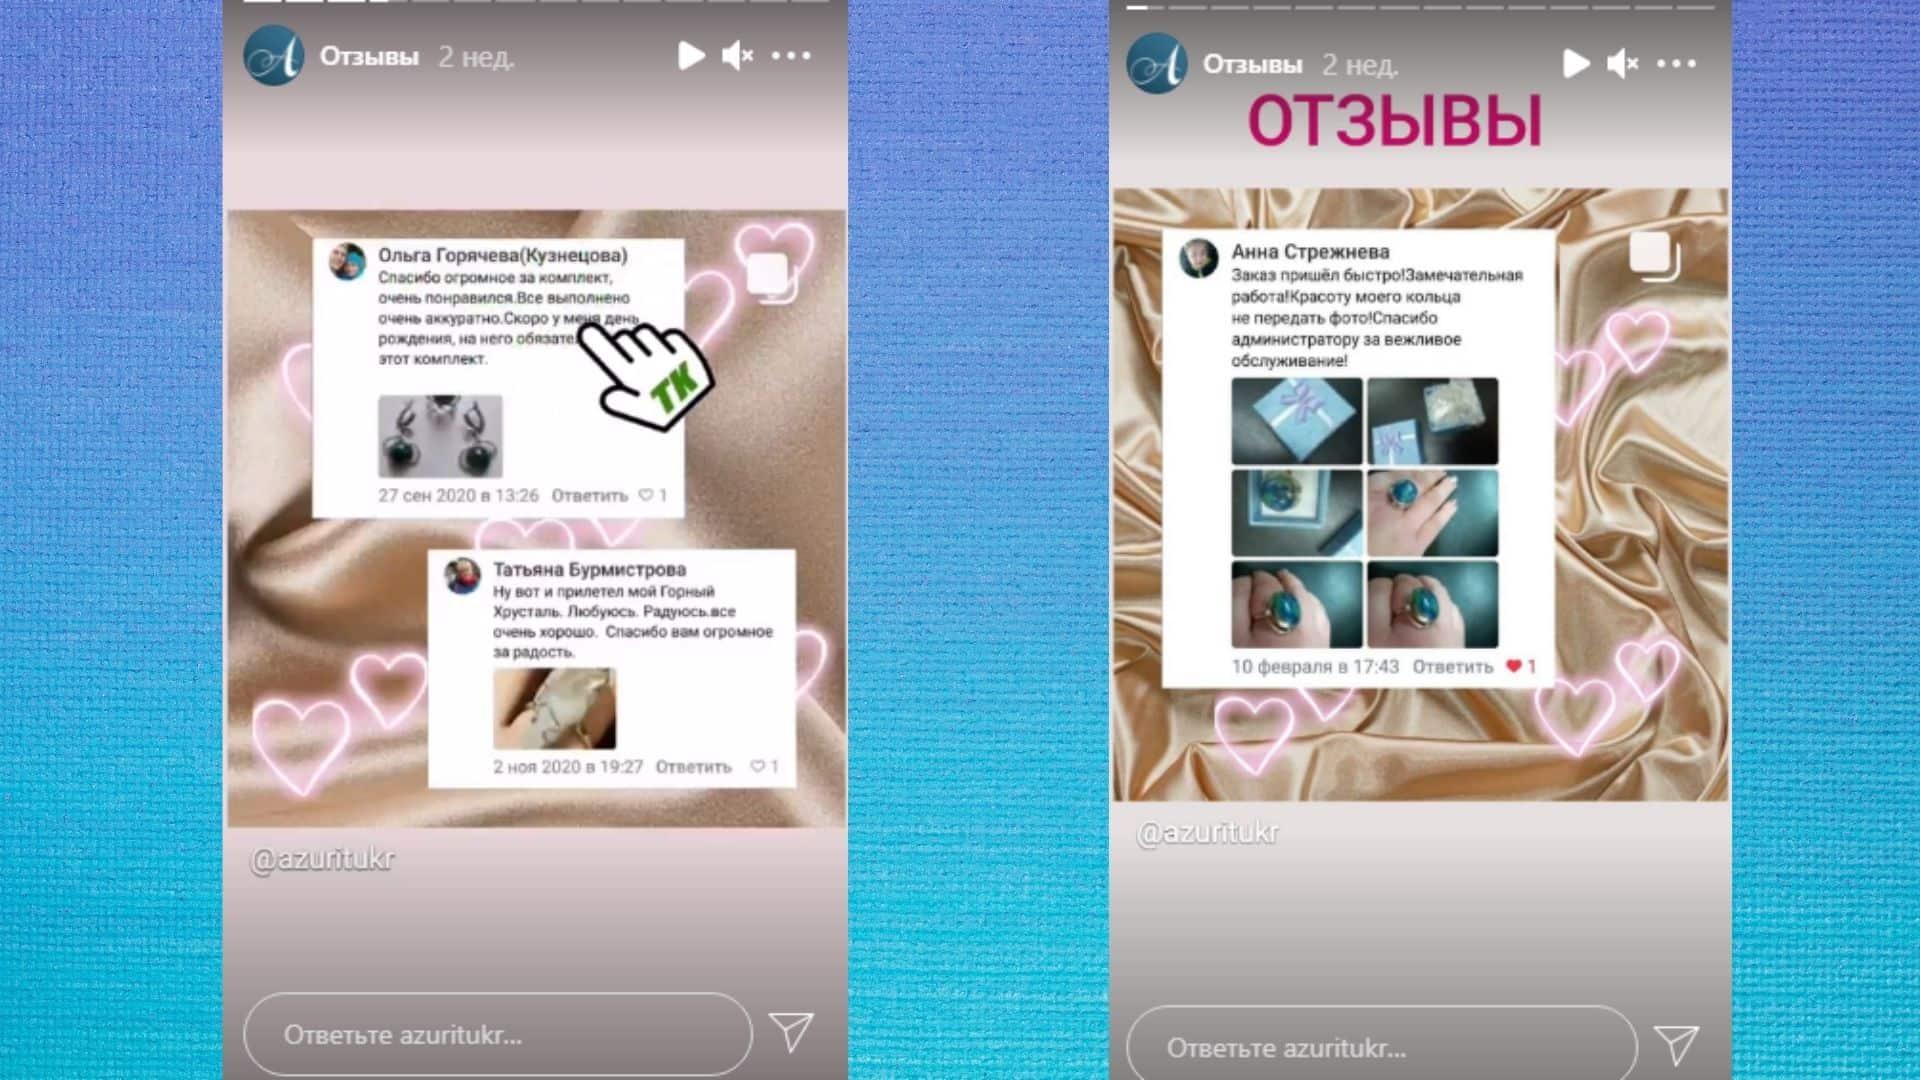 В отзыве можно сделать активную ссылку на страницу клиента или на сам отзыв, чтобы пользователи могли убедится в его реальности